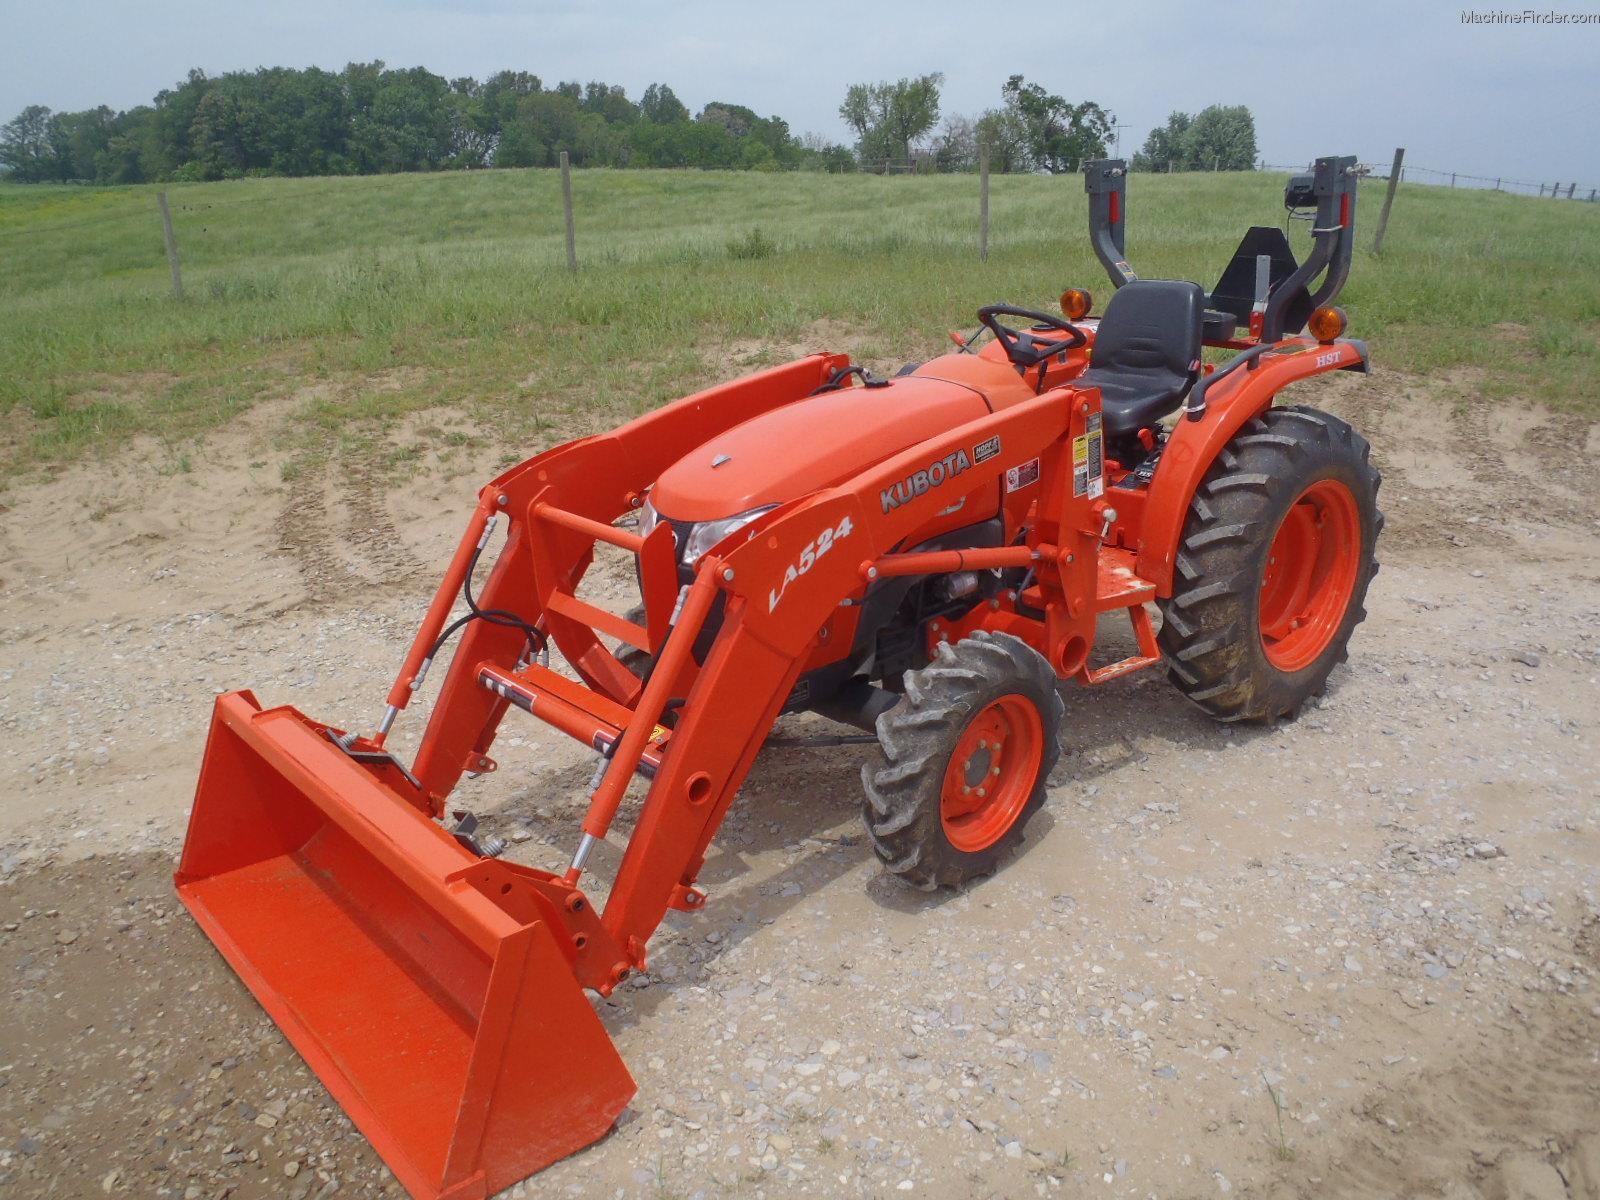 2012 Kubota L3800 Tractors - Compact  1-40hp